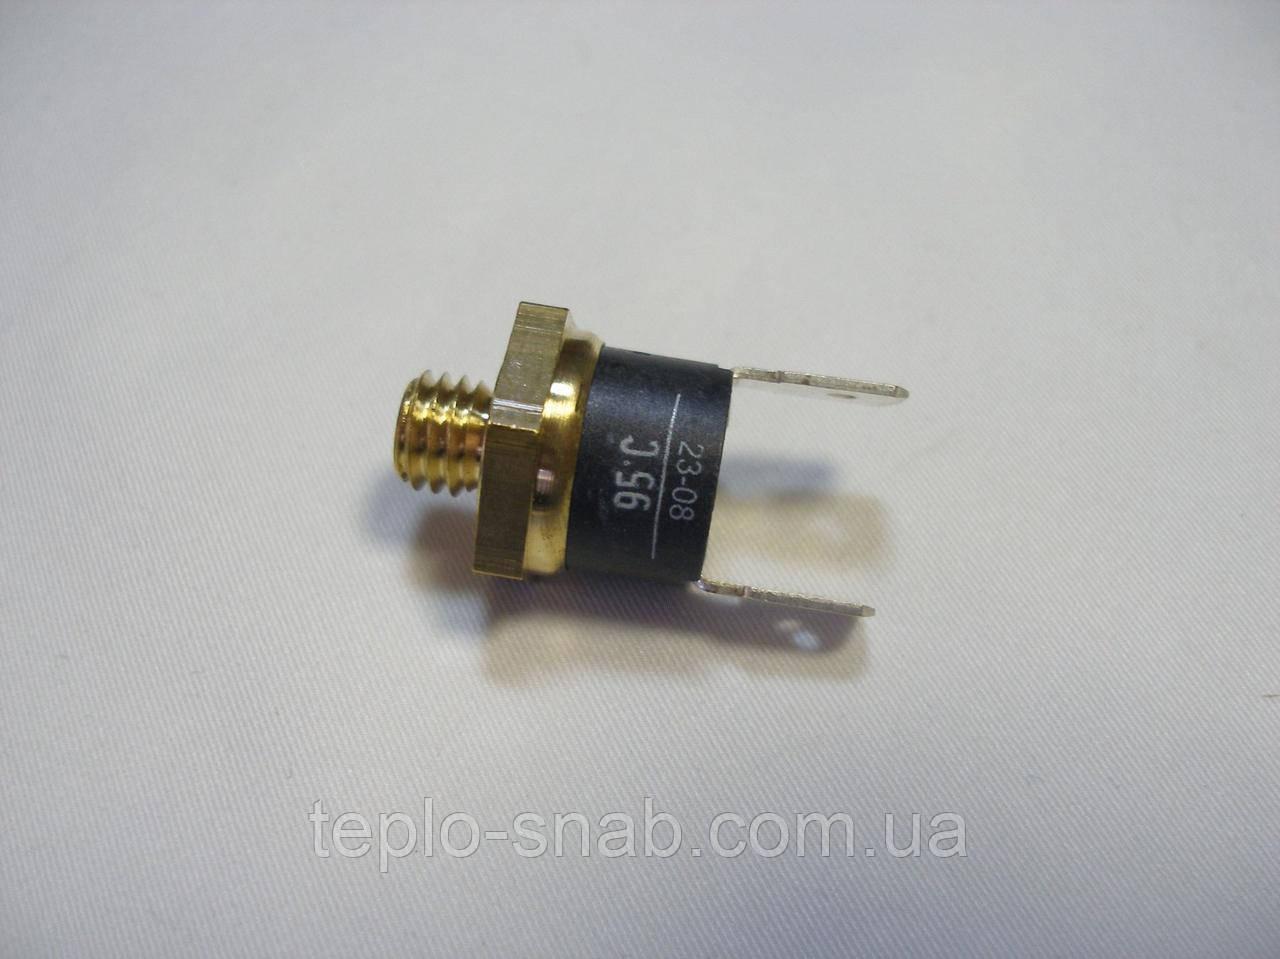 Предельный (предохранительный) термостат по перегреву теплоносителя 95°С. Baxi Slim. 8630390